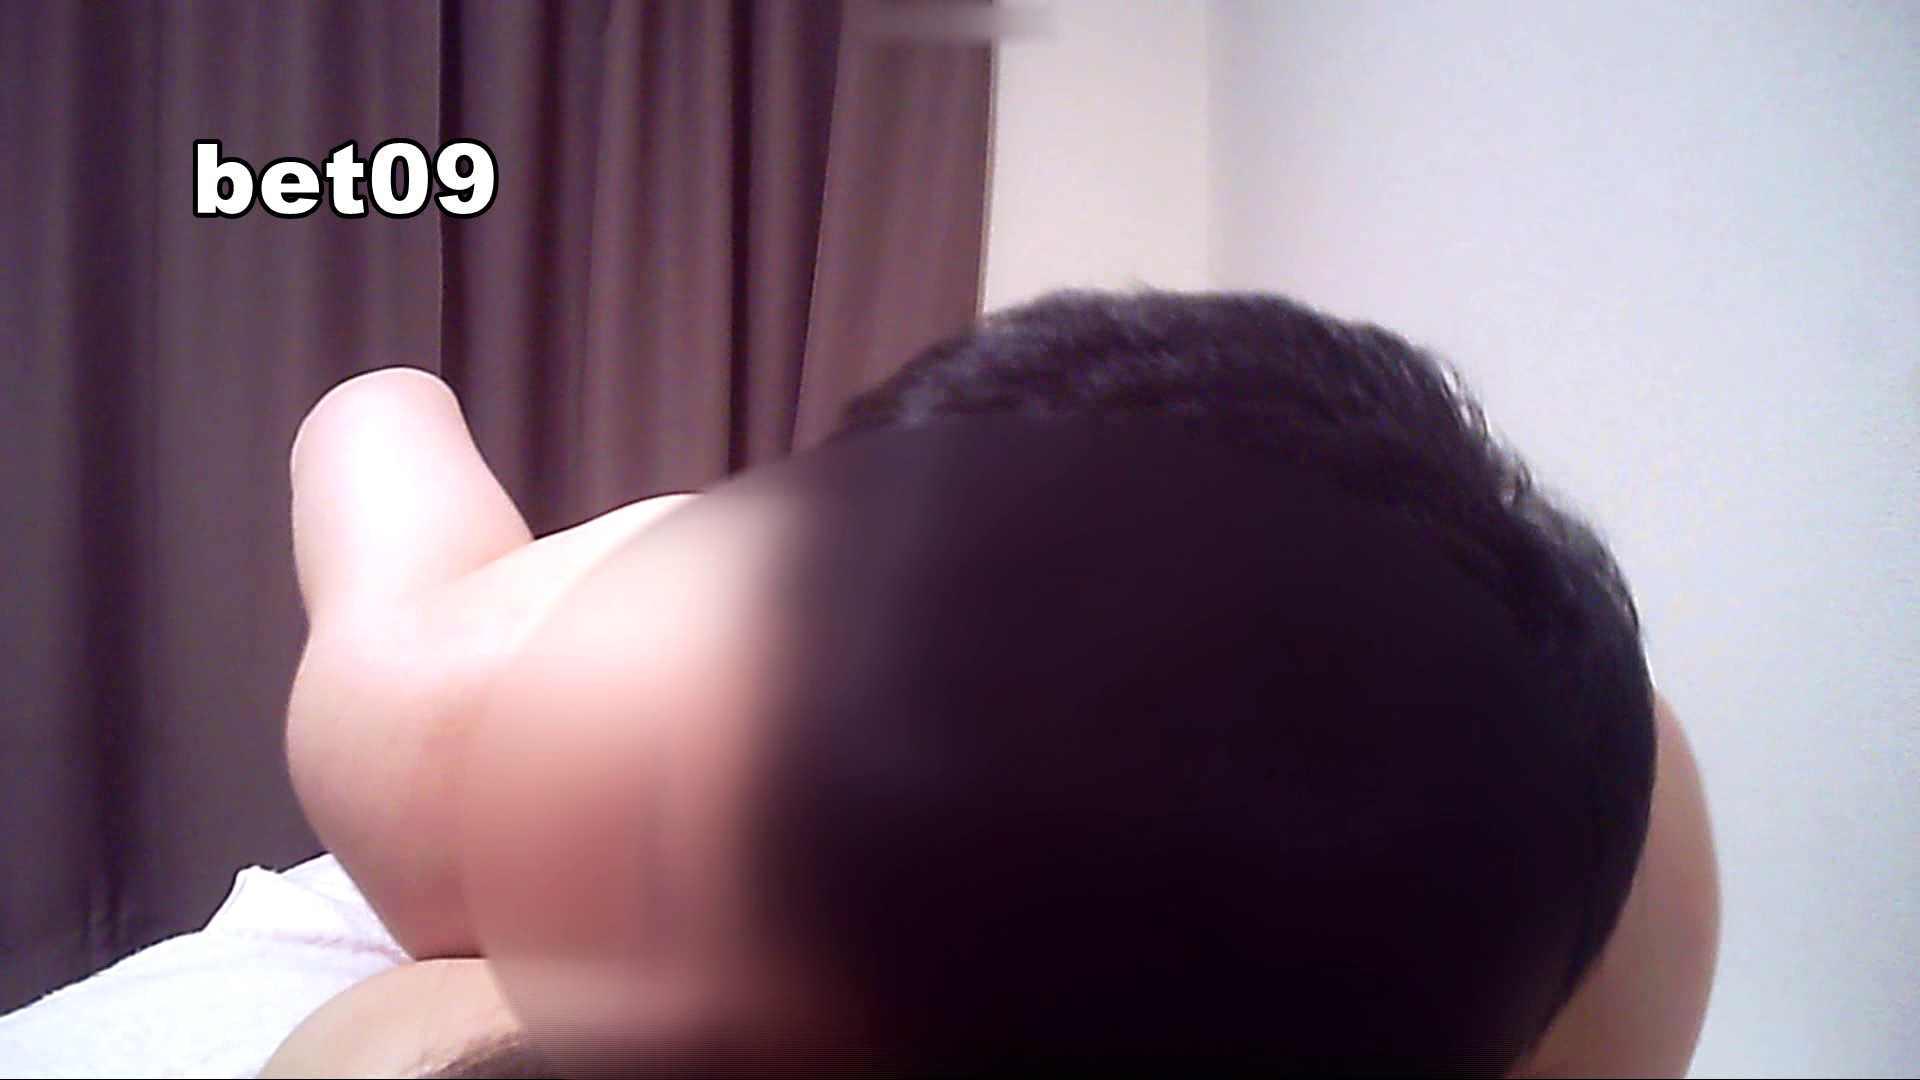 ミキ・大手旅行代理店勤務(24歳・仮名) vol.09 ミキの顔が紅潮してきます フェラ | エッチすぎるOL達  55連発 9